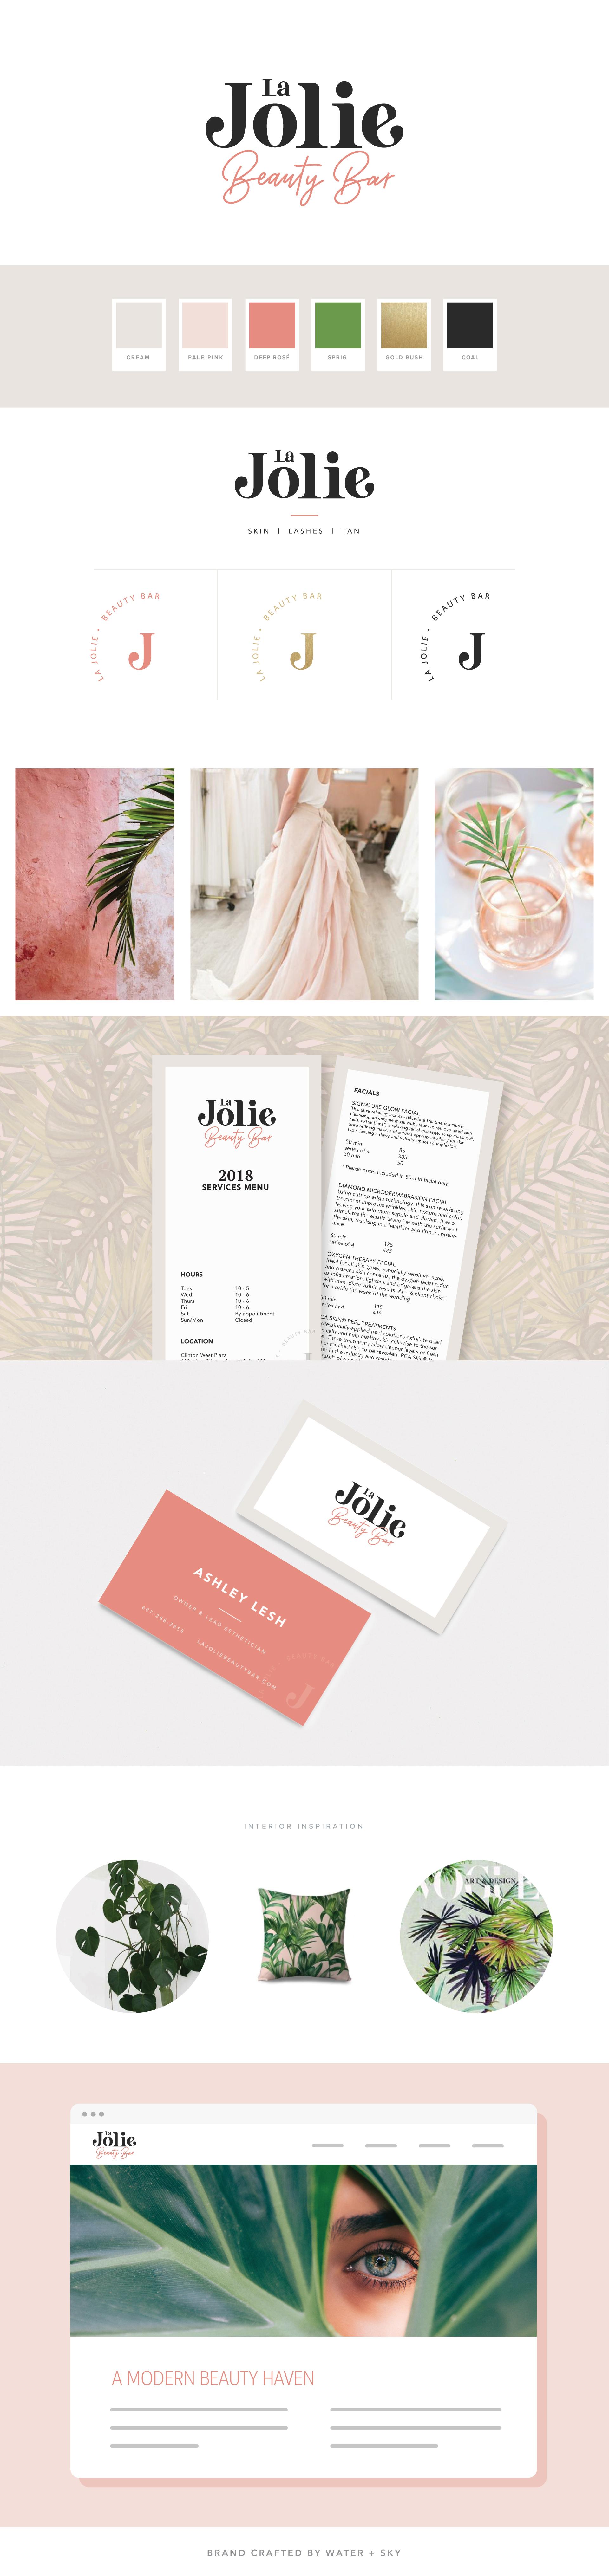 La-Jolie-Beauty-Brand-Board-Website-Water+Sky-Brand-Studio.jpg